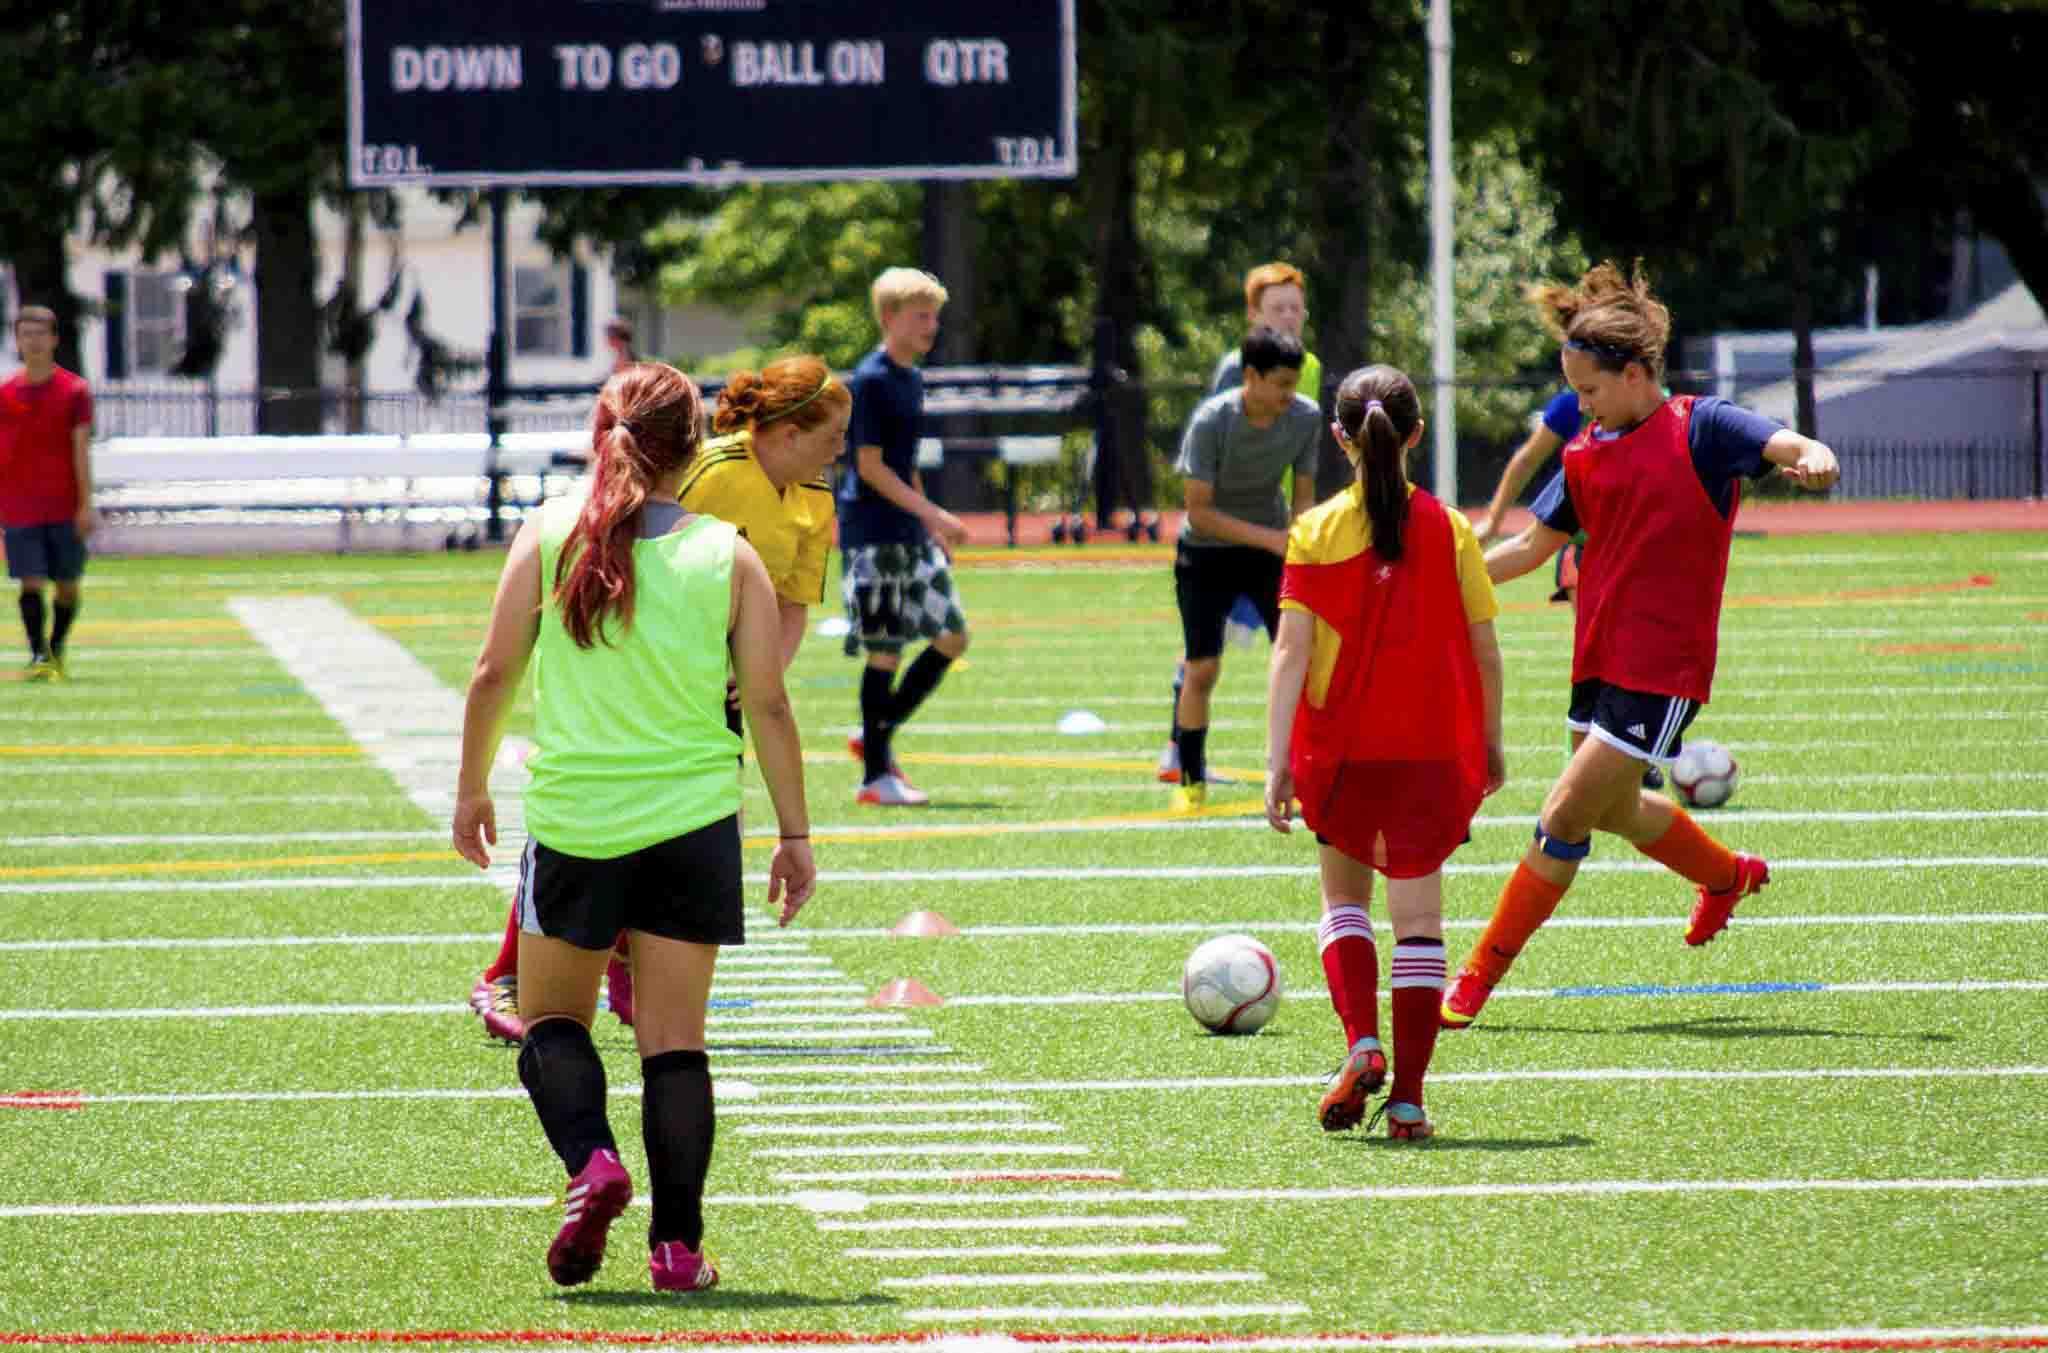 Soccer Game at WPI Summer Camp